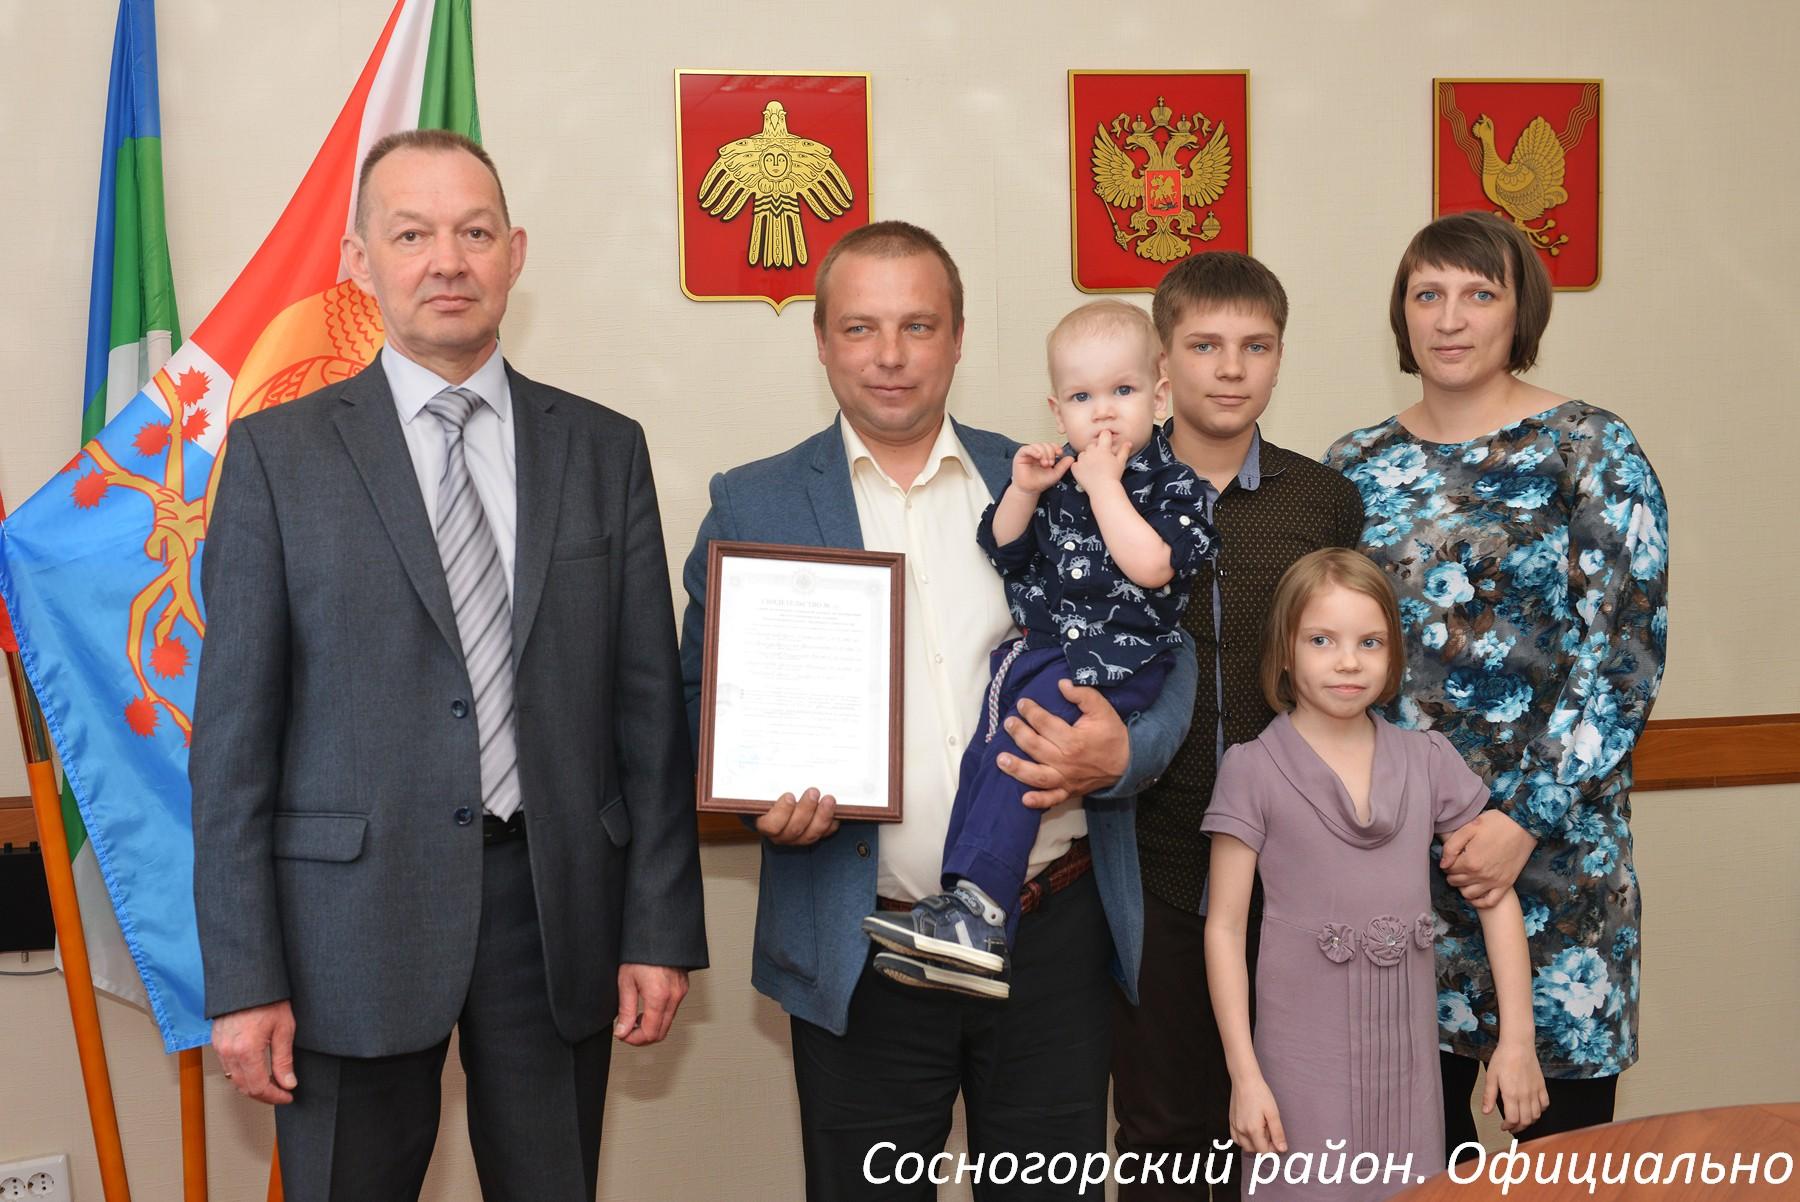 Руководитель администрации Сосногорского района Виктор Шомесов вручил молодым семьям свидетельства на приобретение жилья